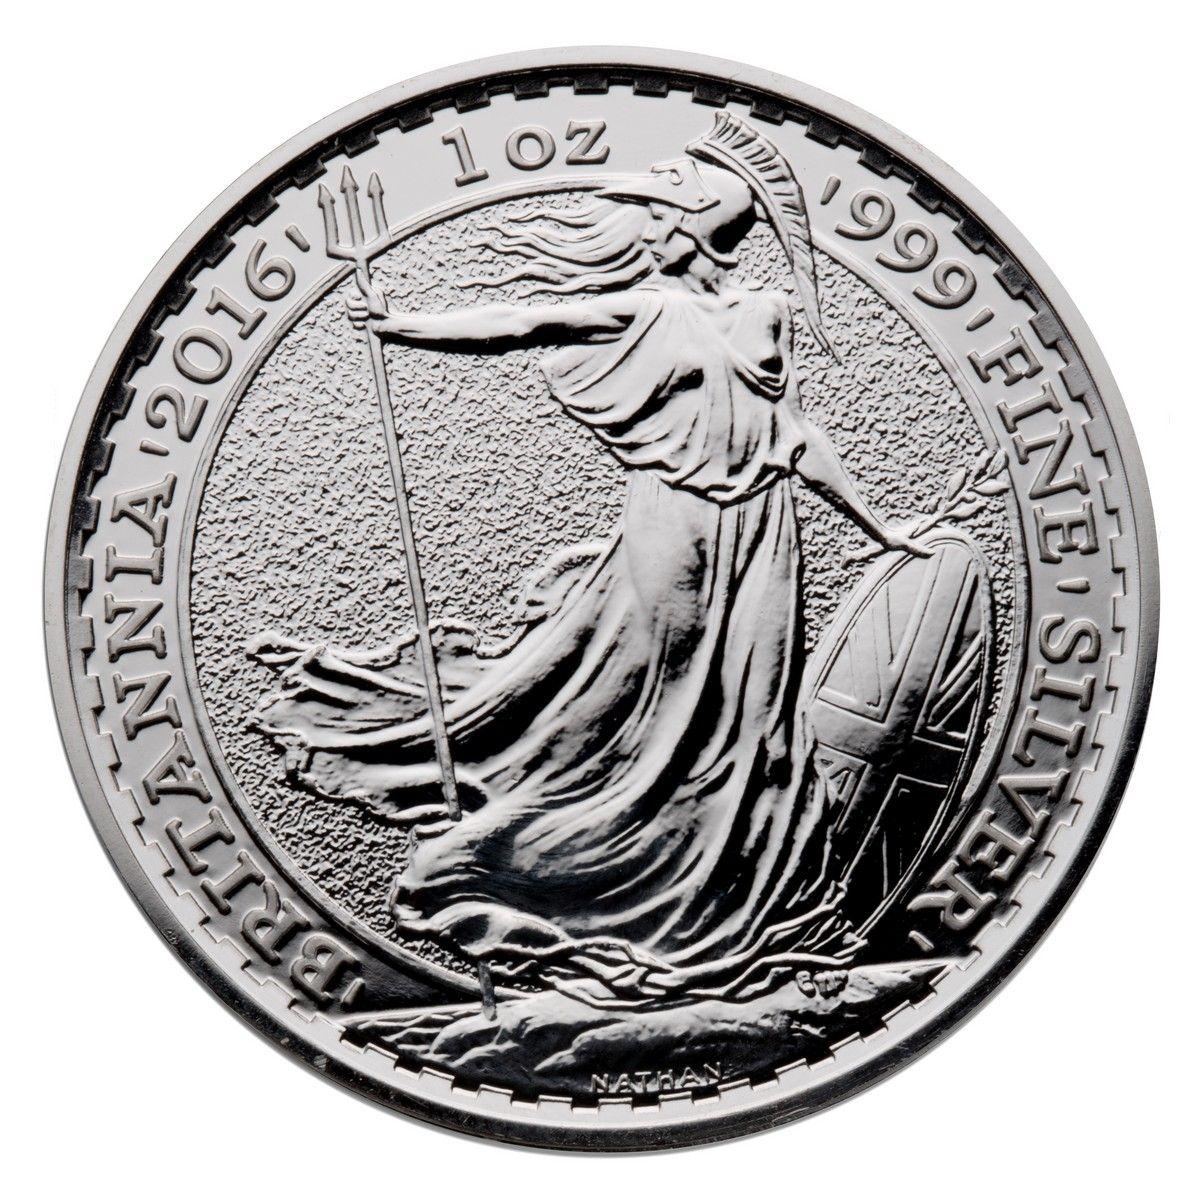 2020 Great Britain Silver Britannia 1 Oz 999 Silver Bullion Coins Silver Coins